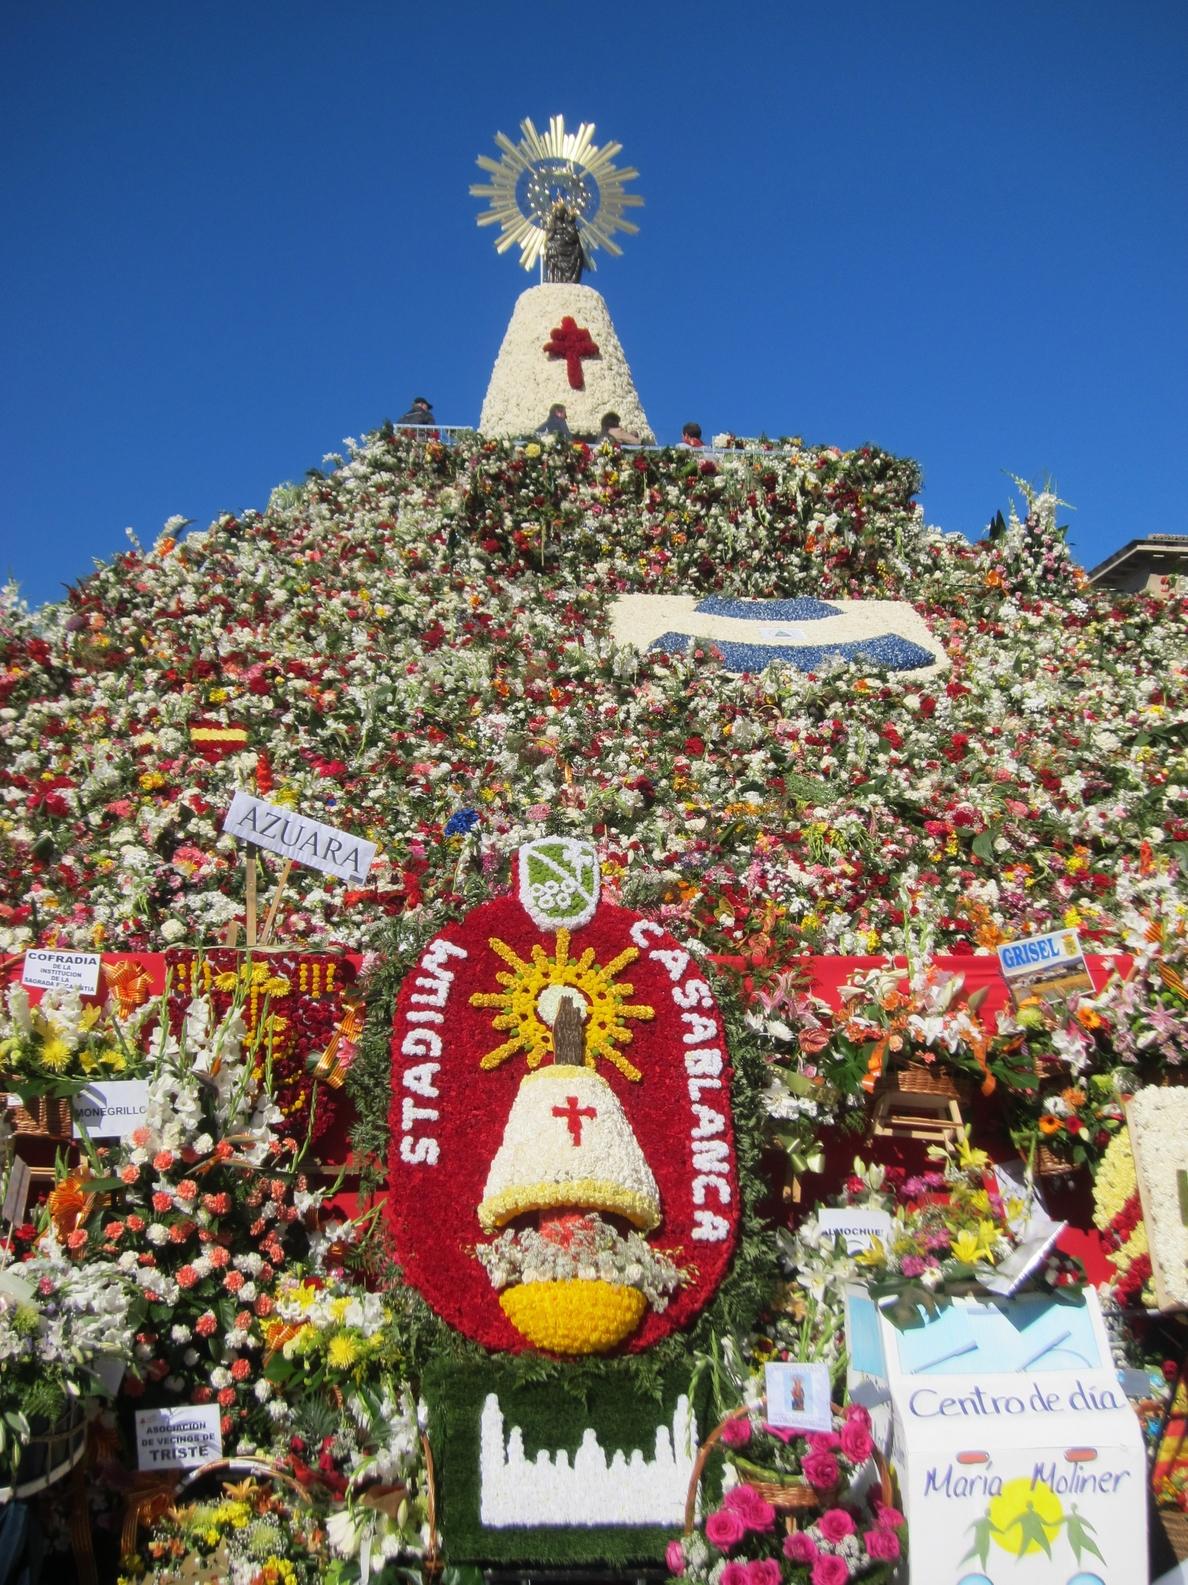 Agotadas las reservas de cita previa para inmortalizarse junto a la Virgen del Pilar